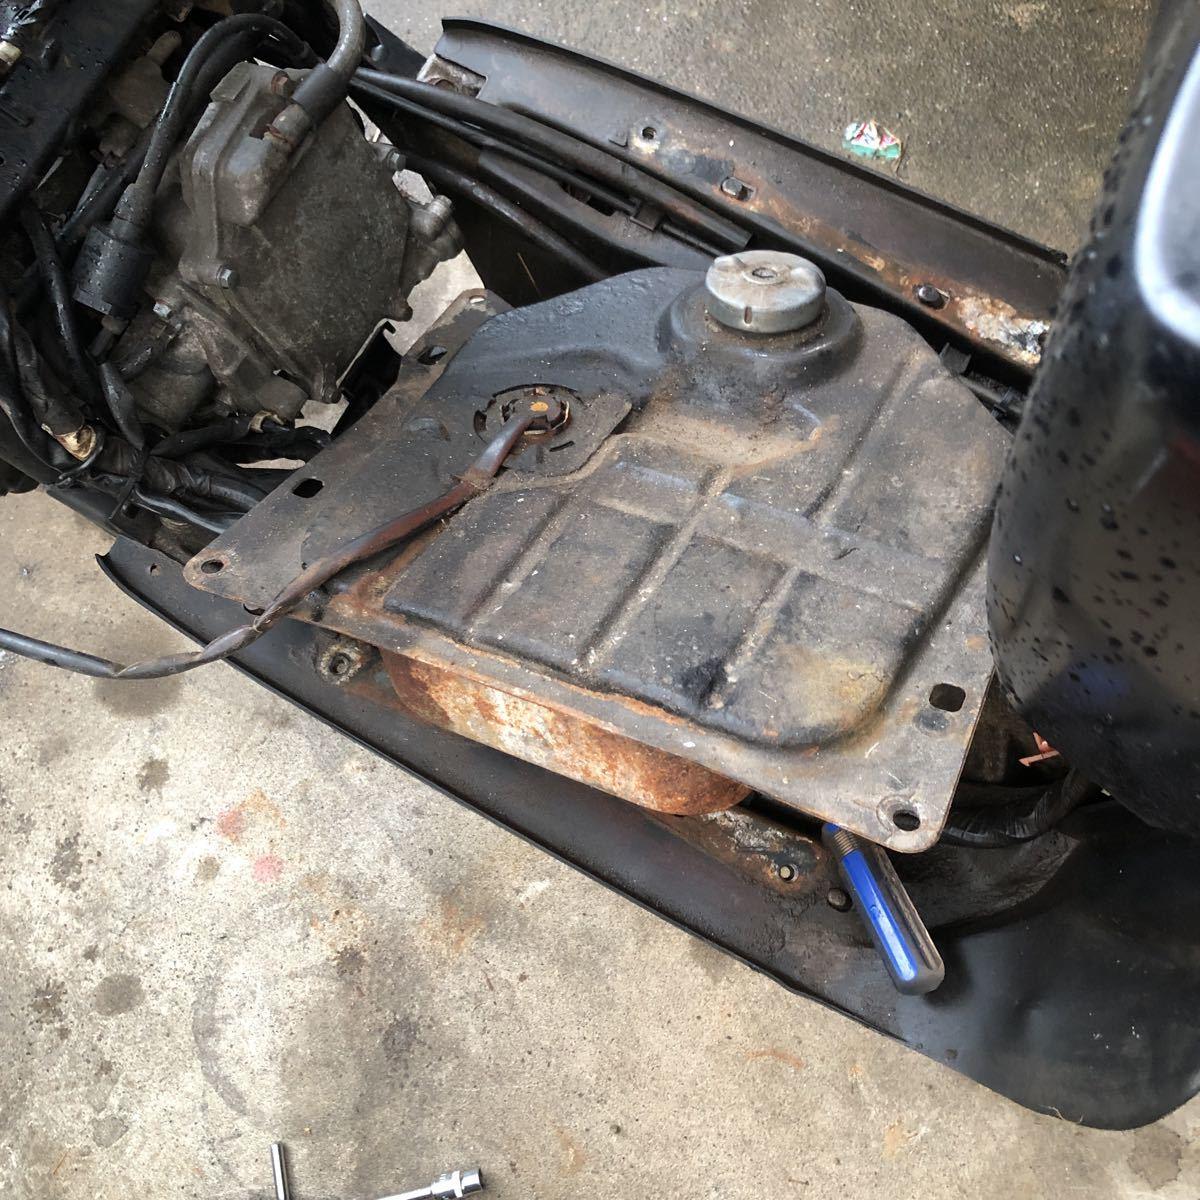 「鹿児島発 ホンダズーマー 不動ベース車両 新品パーツ付きでエンジン実働でした 要修理です」の画像2